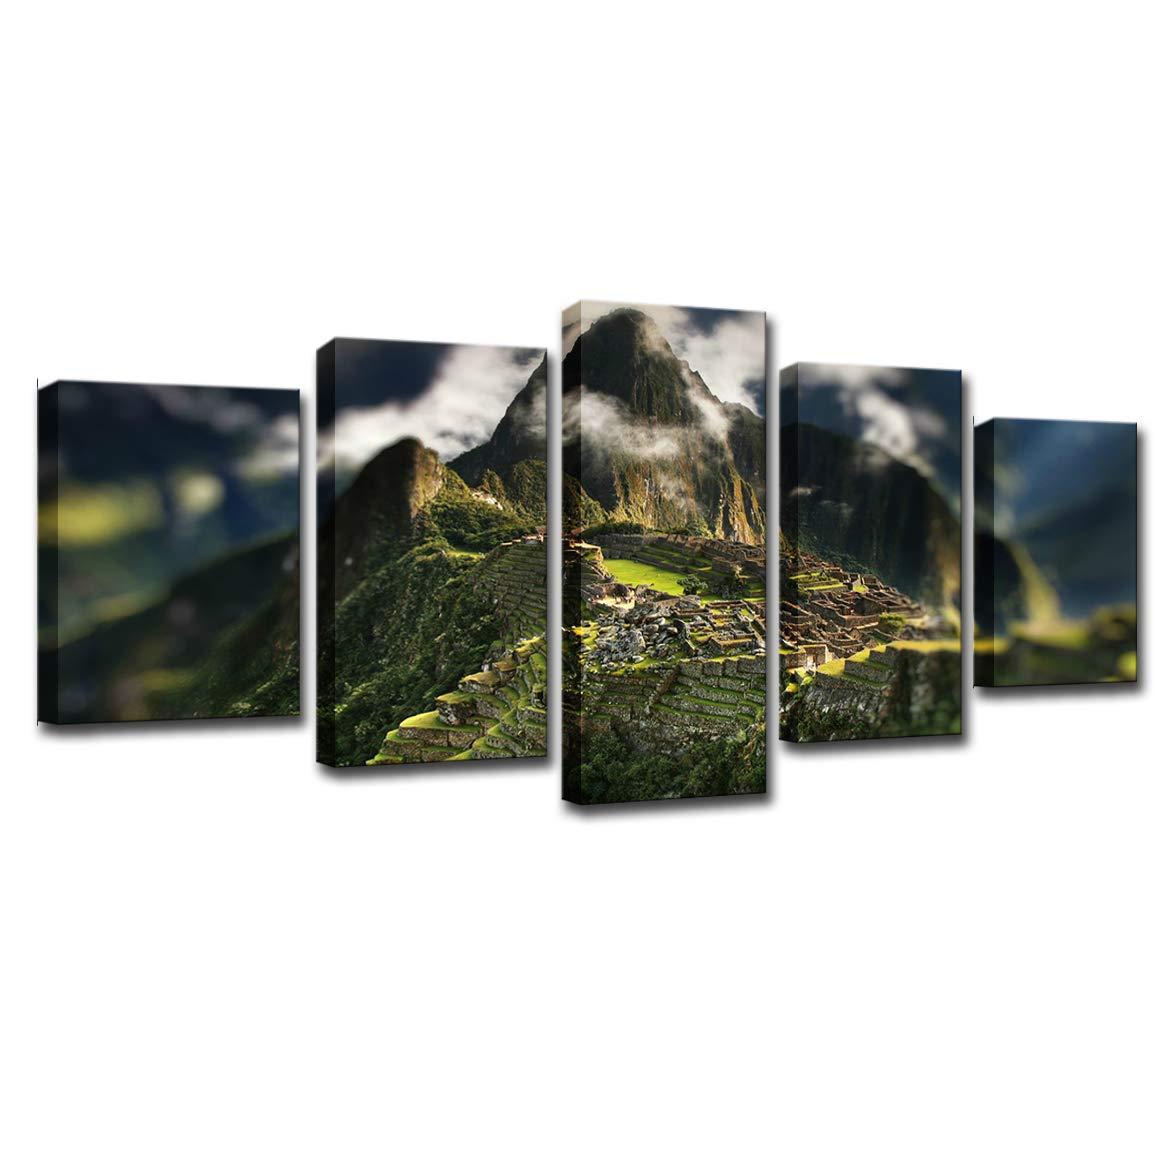 LWPCP Canvas HD Print El Mural Decoración para El Print Hogar Pintura Cartel Montaña Nube Montaña Exposición Imagen De Arte (5Pcs),S 445740